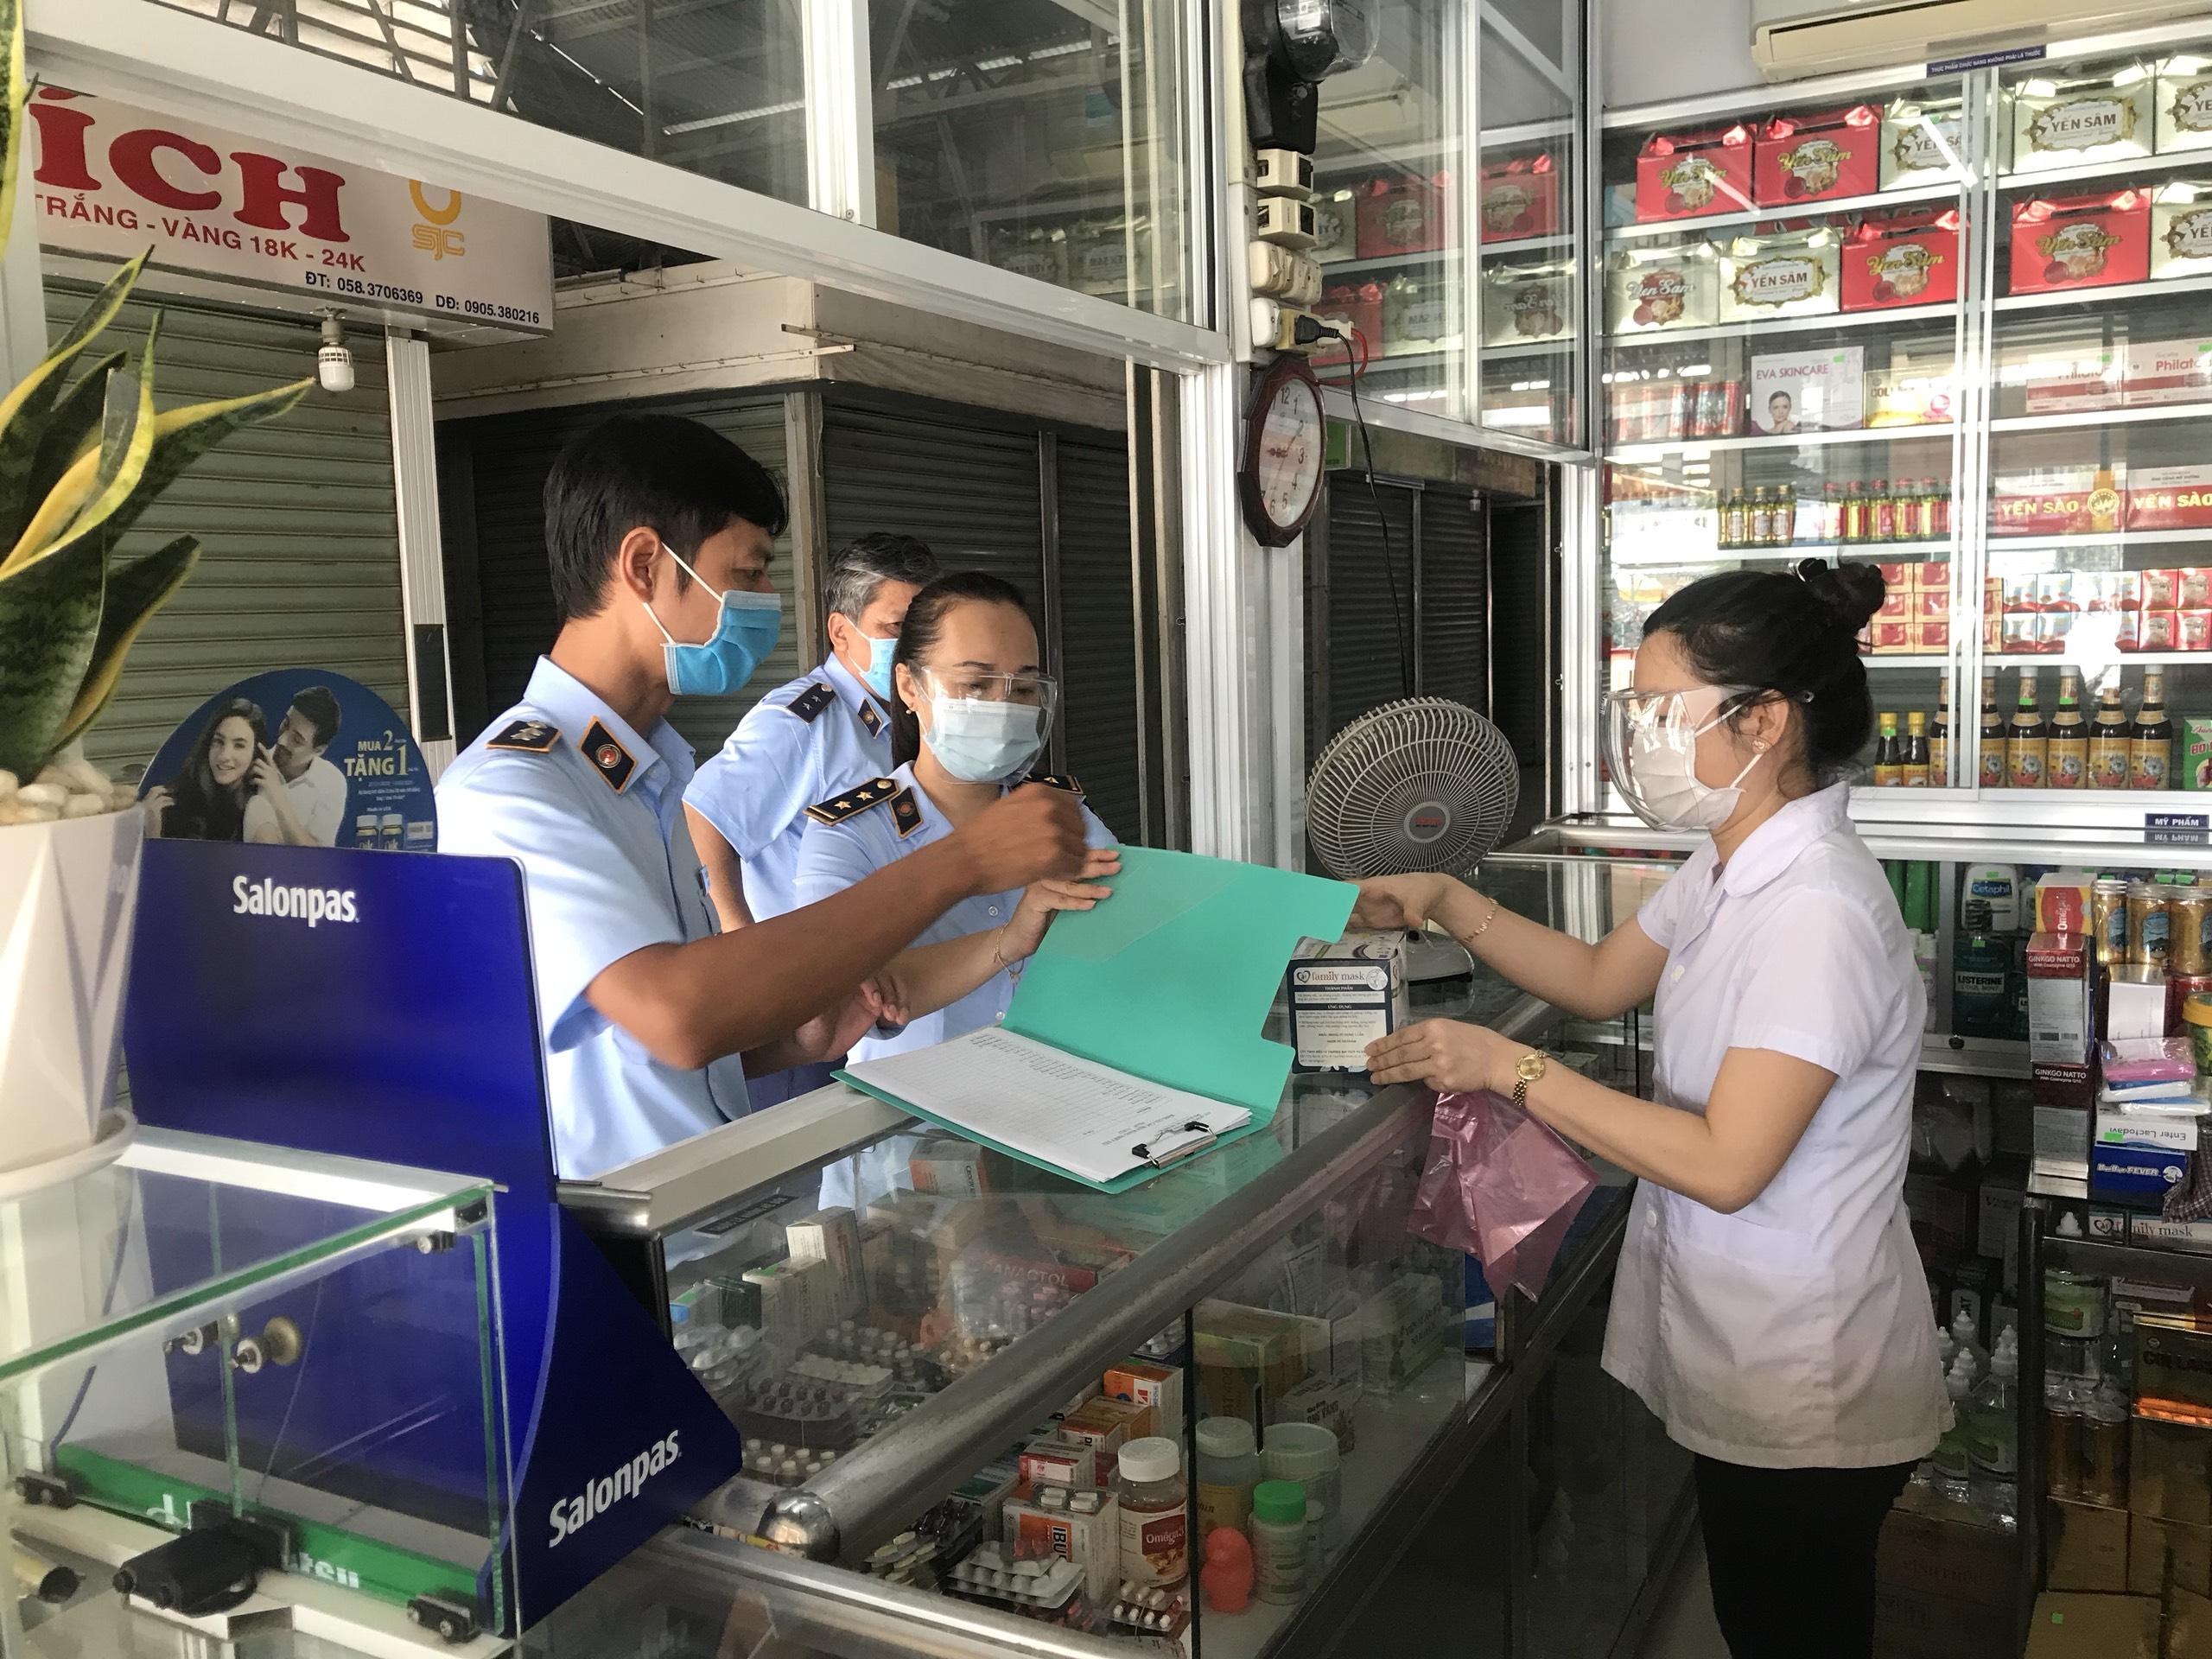 Khánh Hòa: Tăng cường kiểm tra mặt hàng vật tư, trang thiết bị y tế trong tình hình mới.